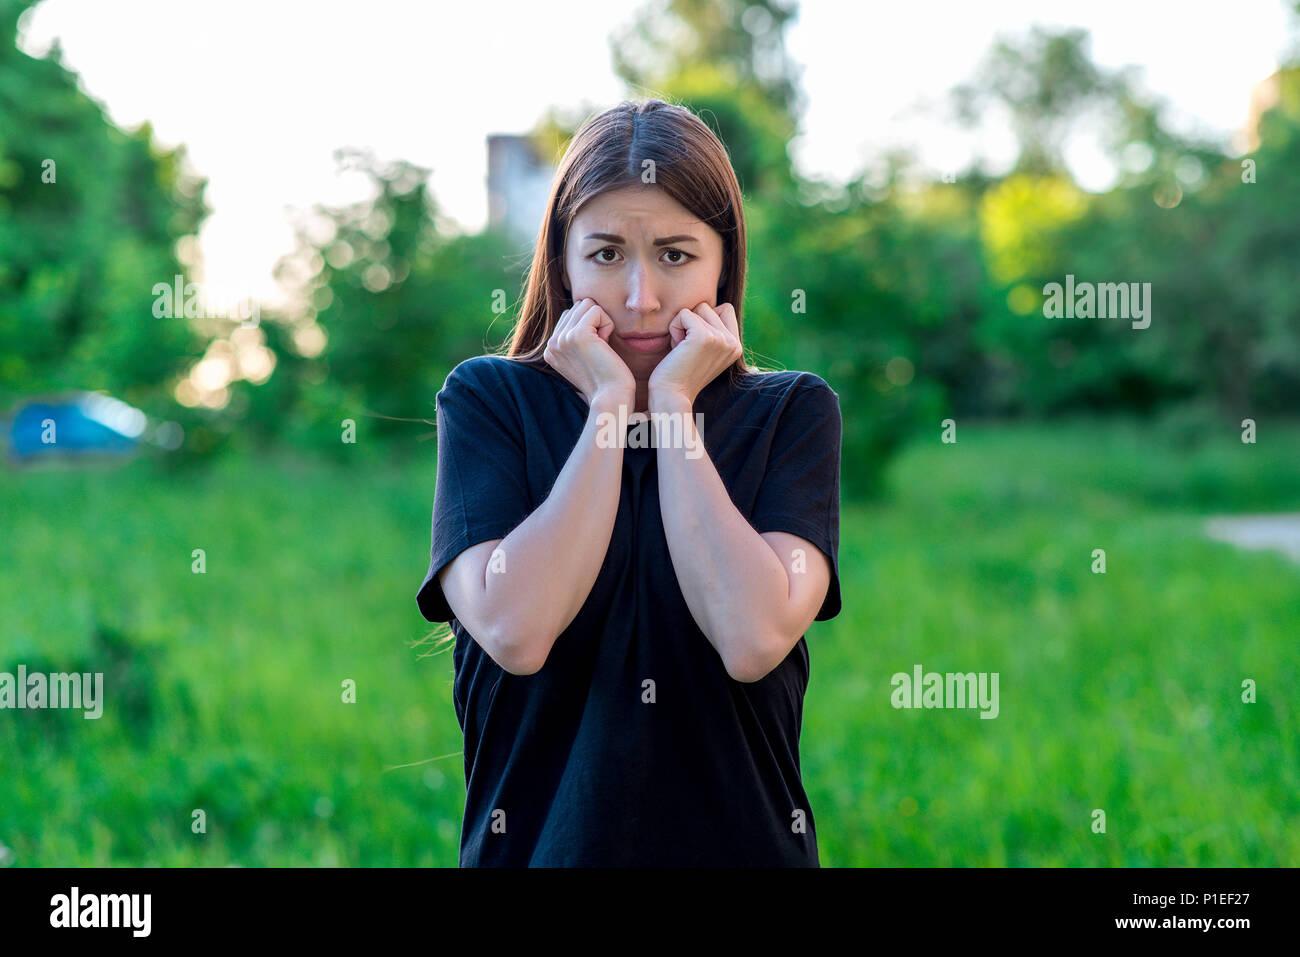 Schöne brünette Mädchen. Im Sommer im Park auf Urlaub. Emotionale Mimik, fürchte ich. Angst Frau. Stockbild